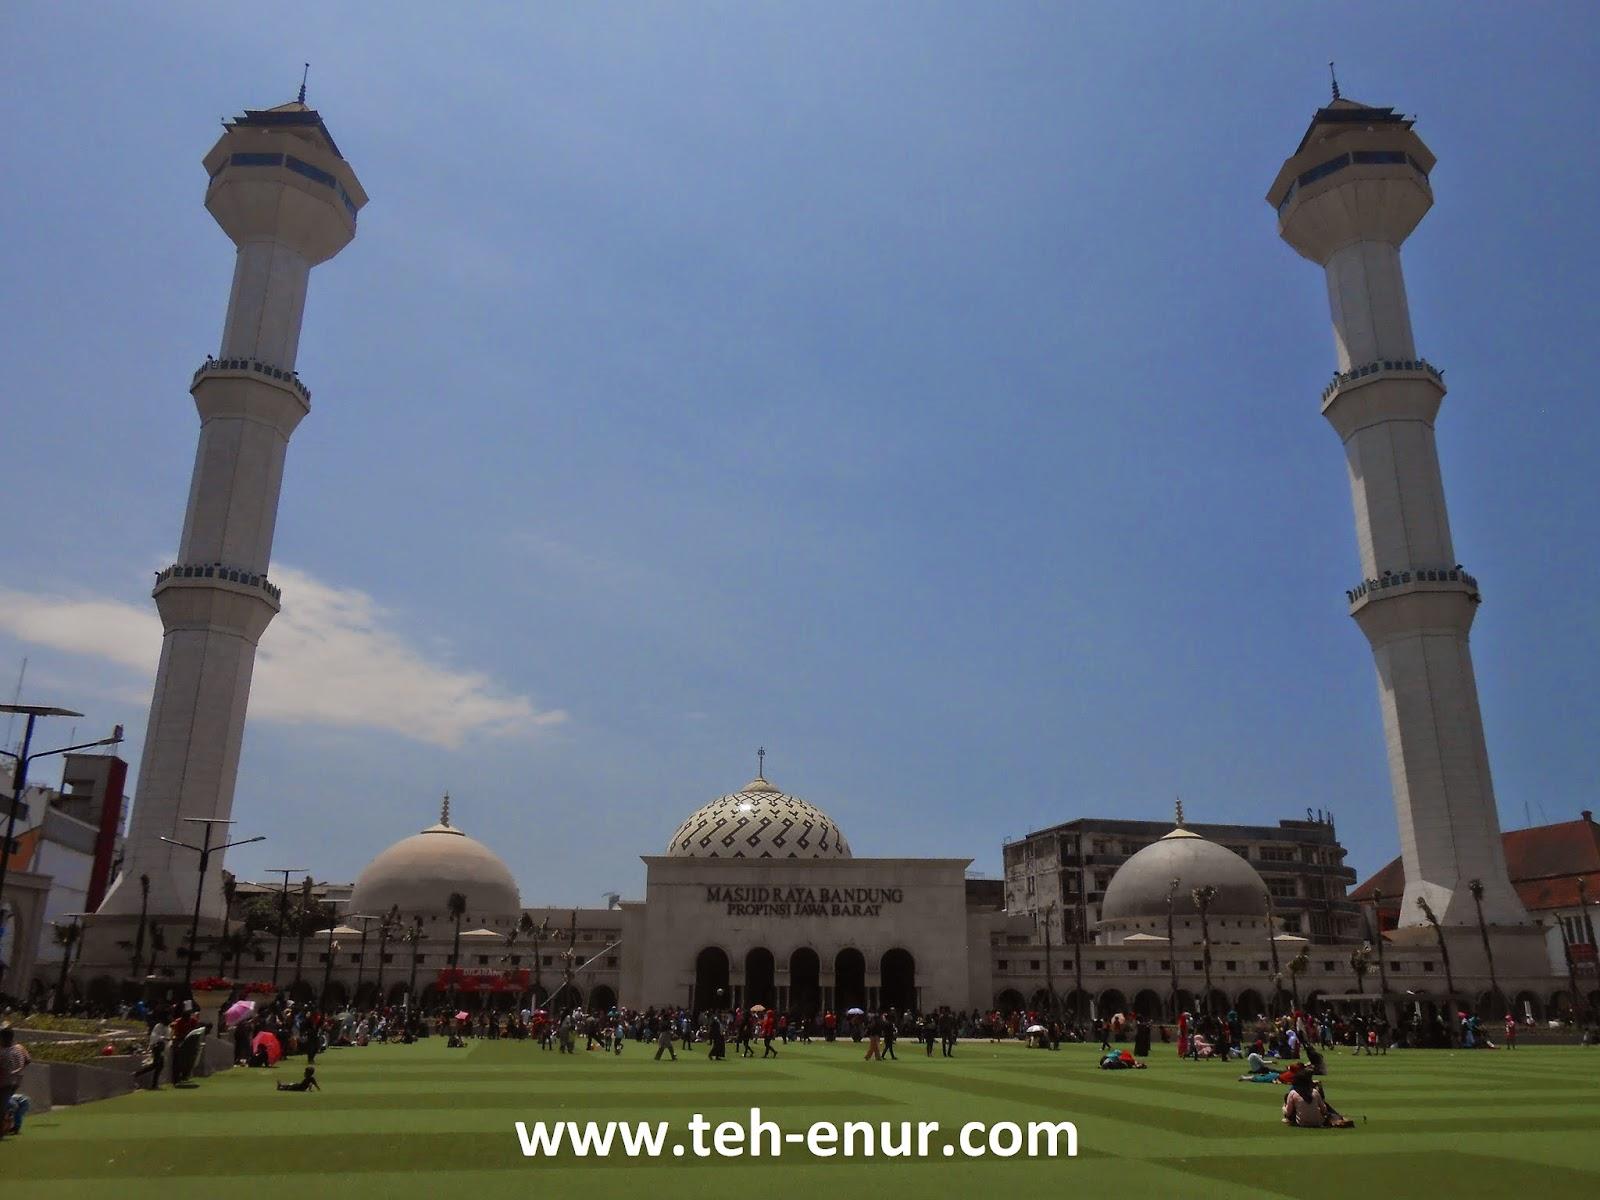 Kumpulan foto-foto Alun-alun kota Bandung - MAsjid Raya Kota Bandung